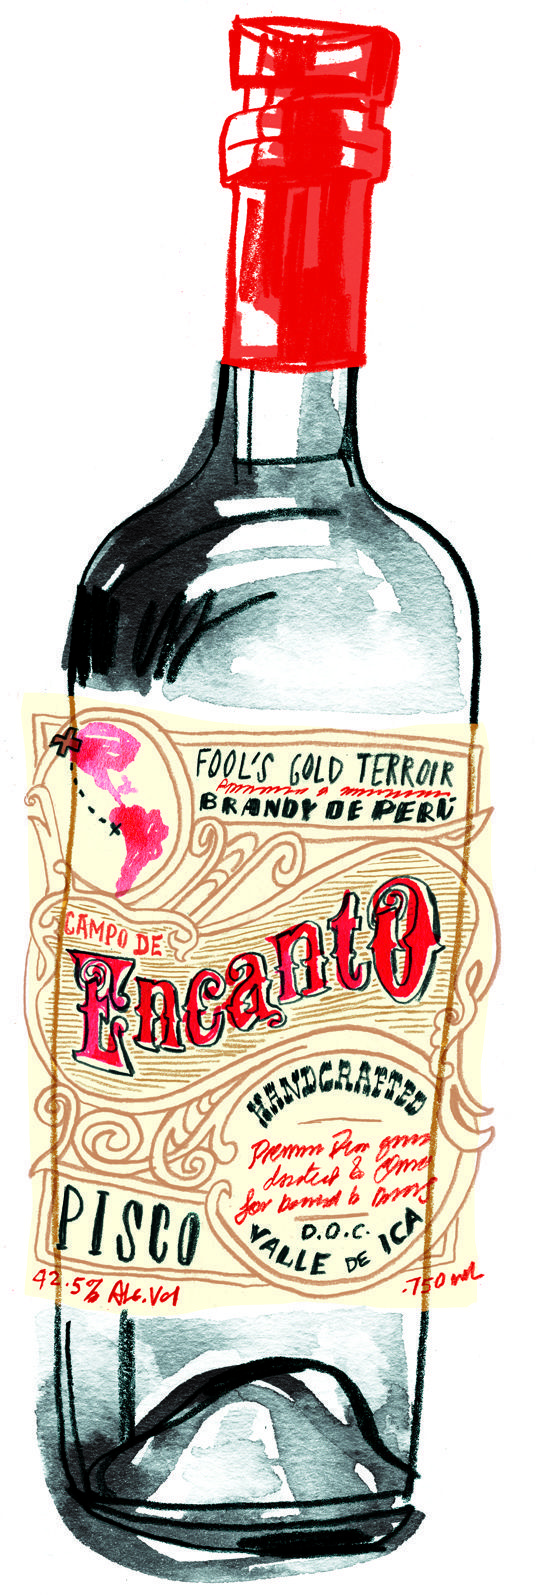 Pisco Bottle Design   #design #pisco